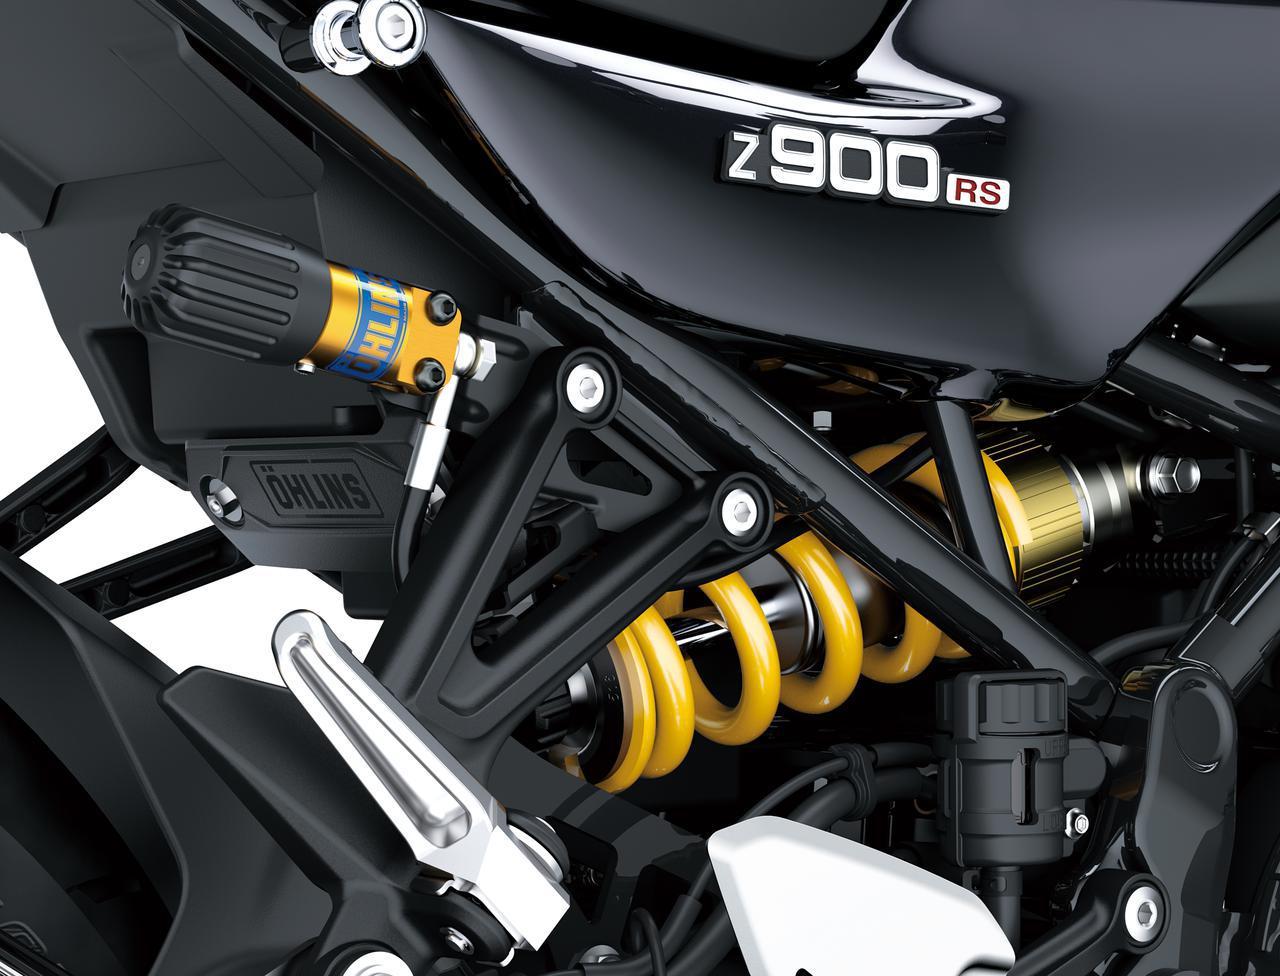 画像1: カワサキ「Z900RS SE」の特徴